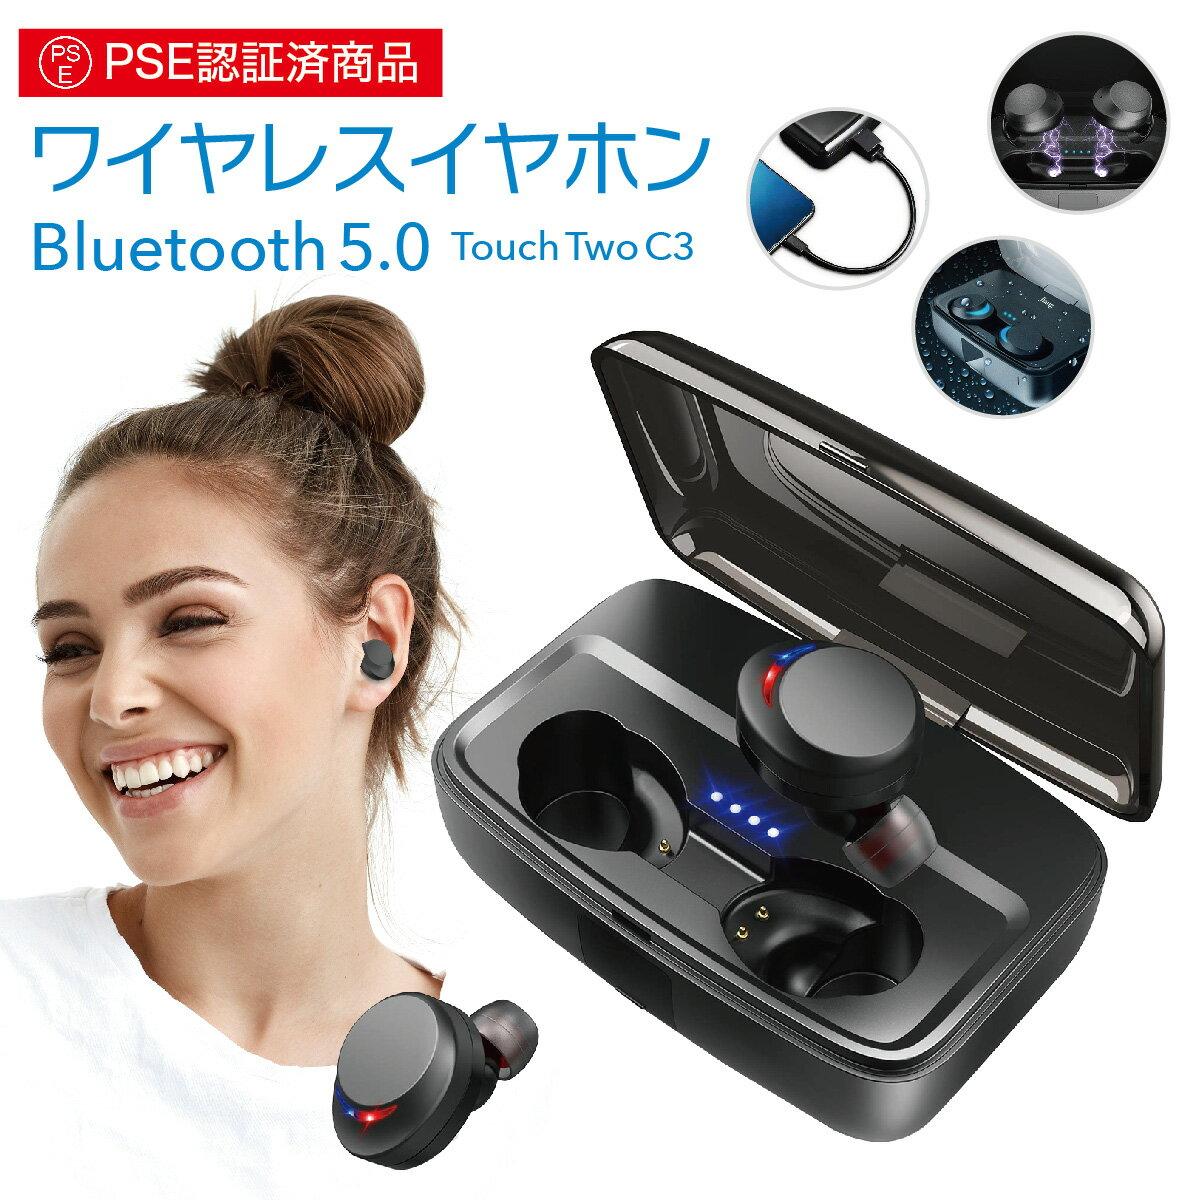 ワイヤレスイヤホン bluetooth5.0 両耳 iphone スポーツ 防水 カナル型 イヤホン IPX8 両耳通話 片耳 ブルートゥース Siri対応 AACコーデック iphone android 対応 touch two-c3